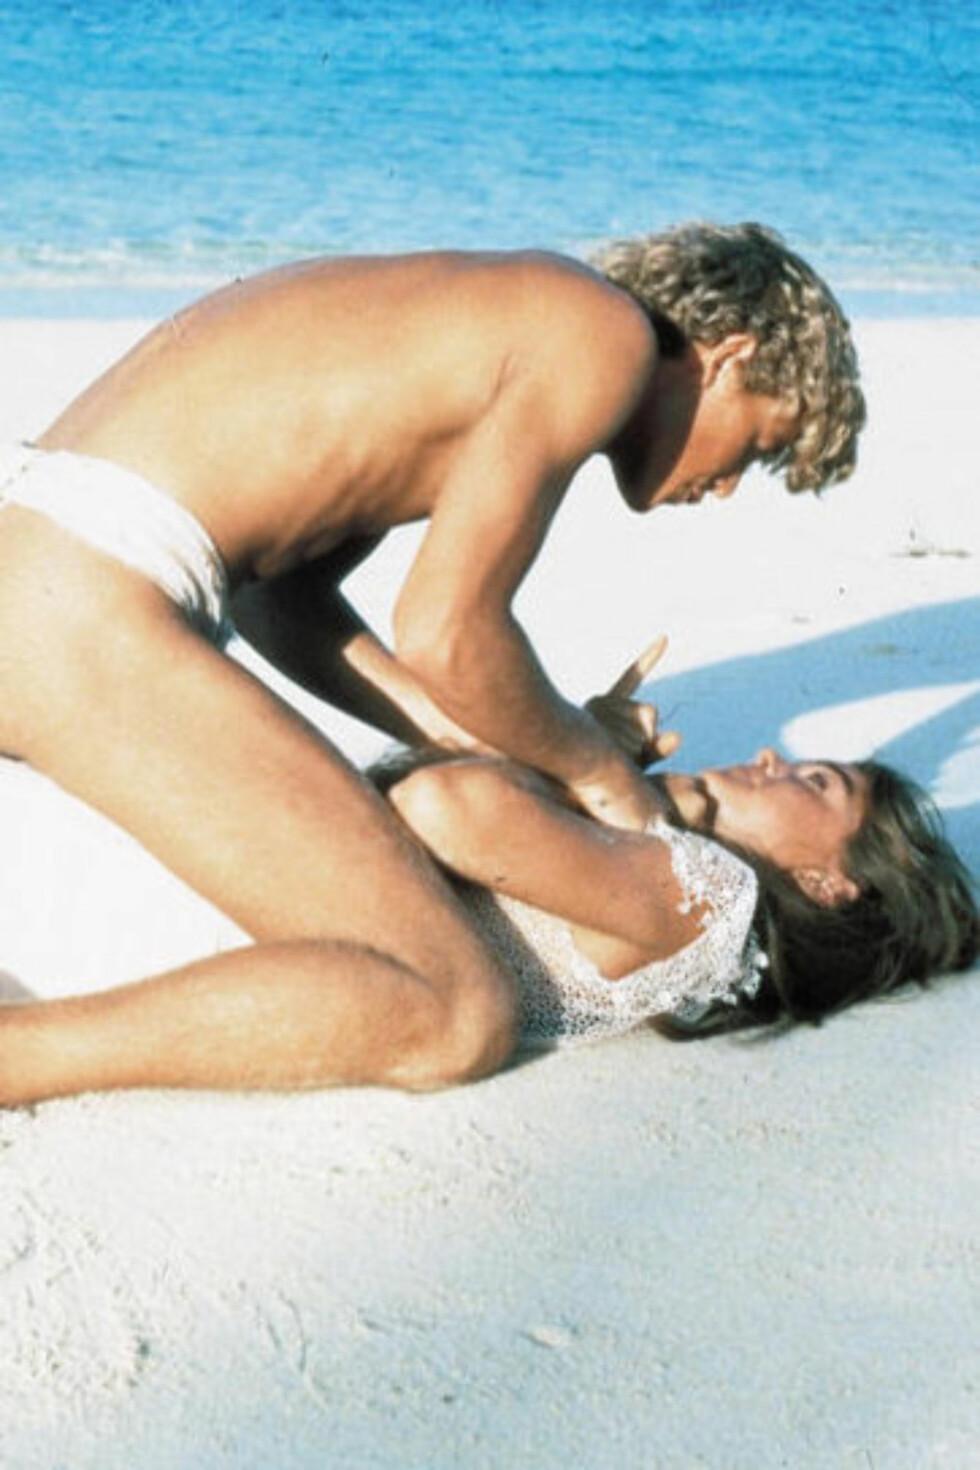 STOR ROLLE: Brooke Shields ble verdensberømt gjennom sin rolle i filmen «Den blå lagune» i 1980. Foto: Jamie Hanson / All Over Press